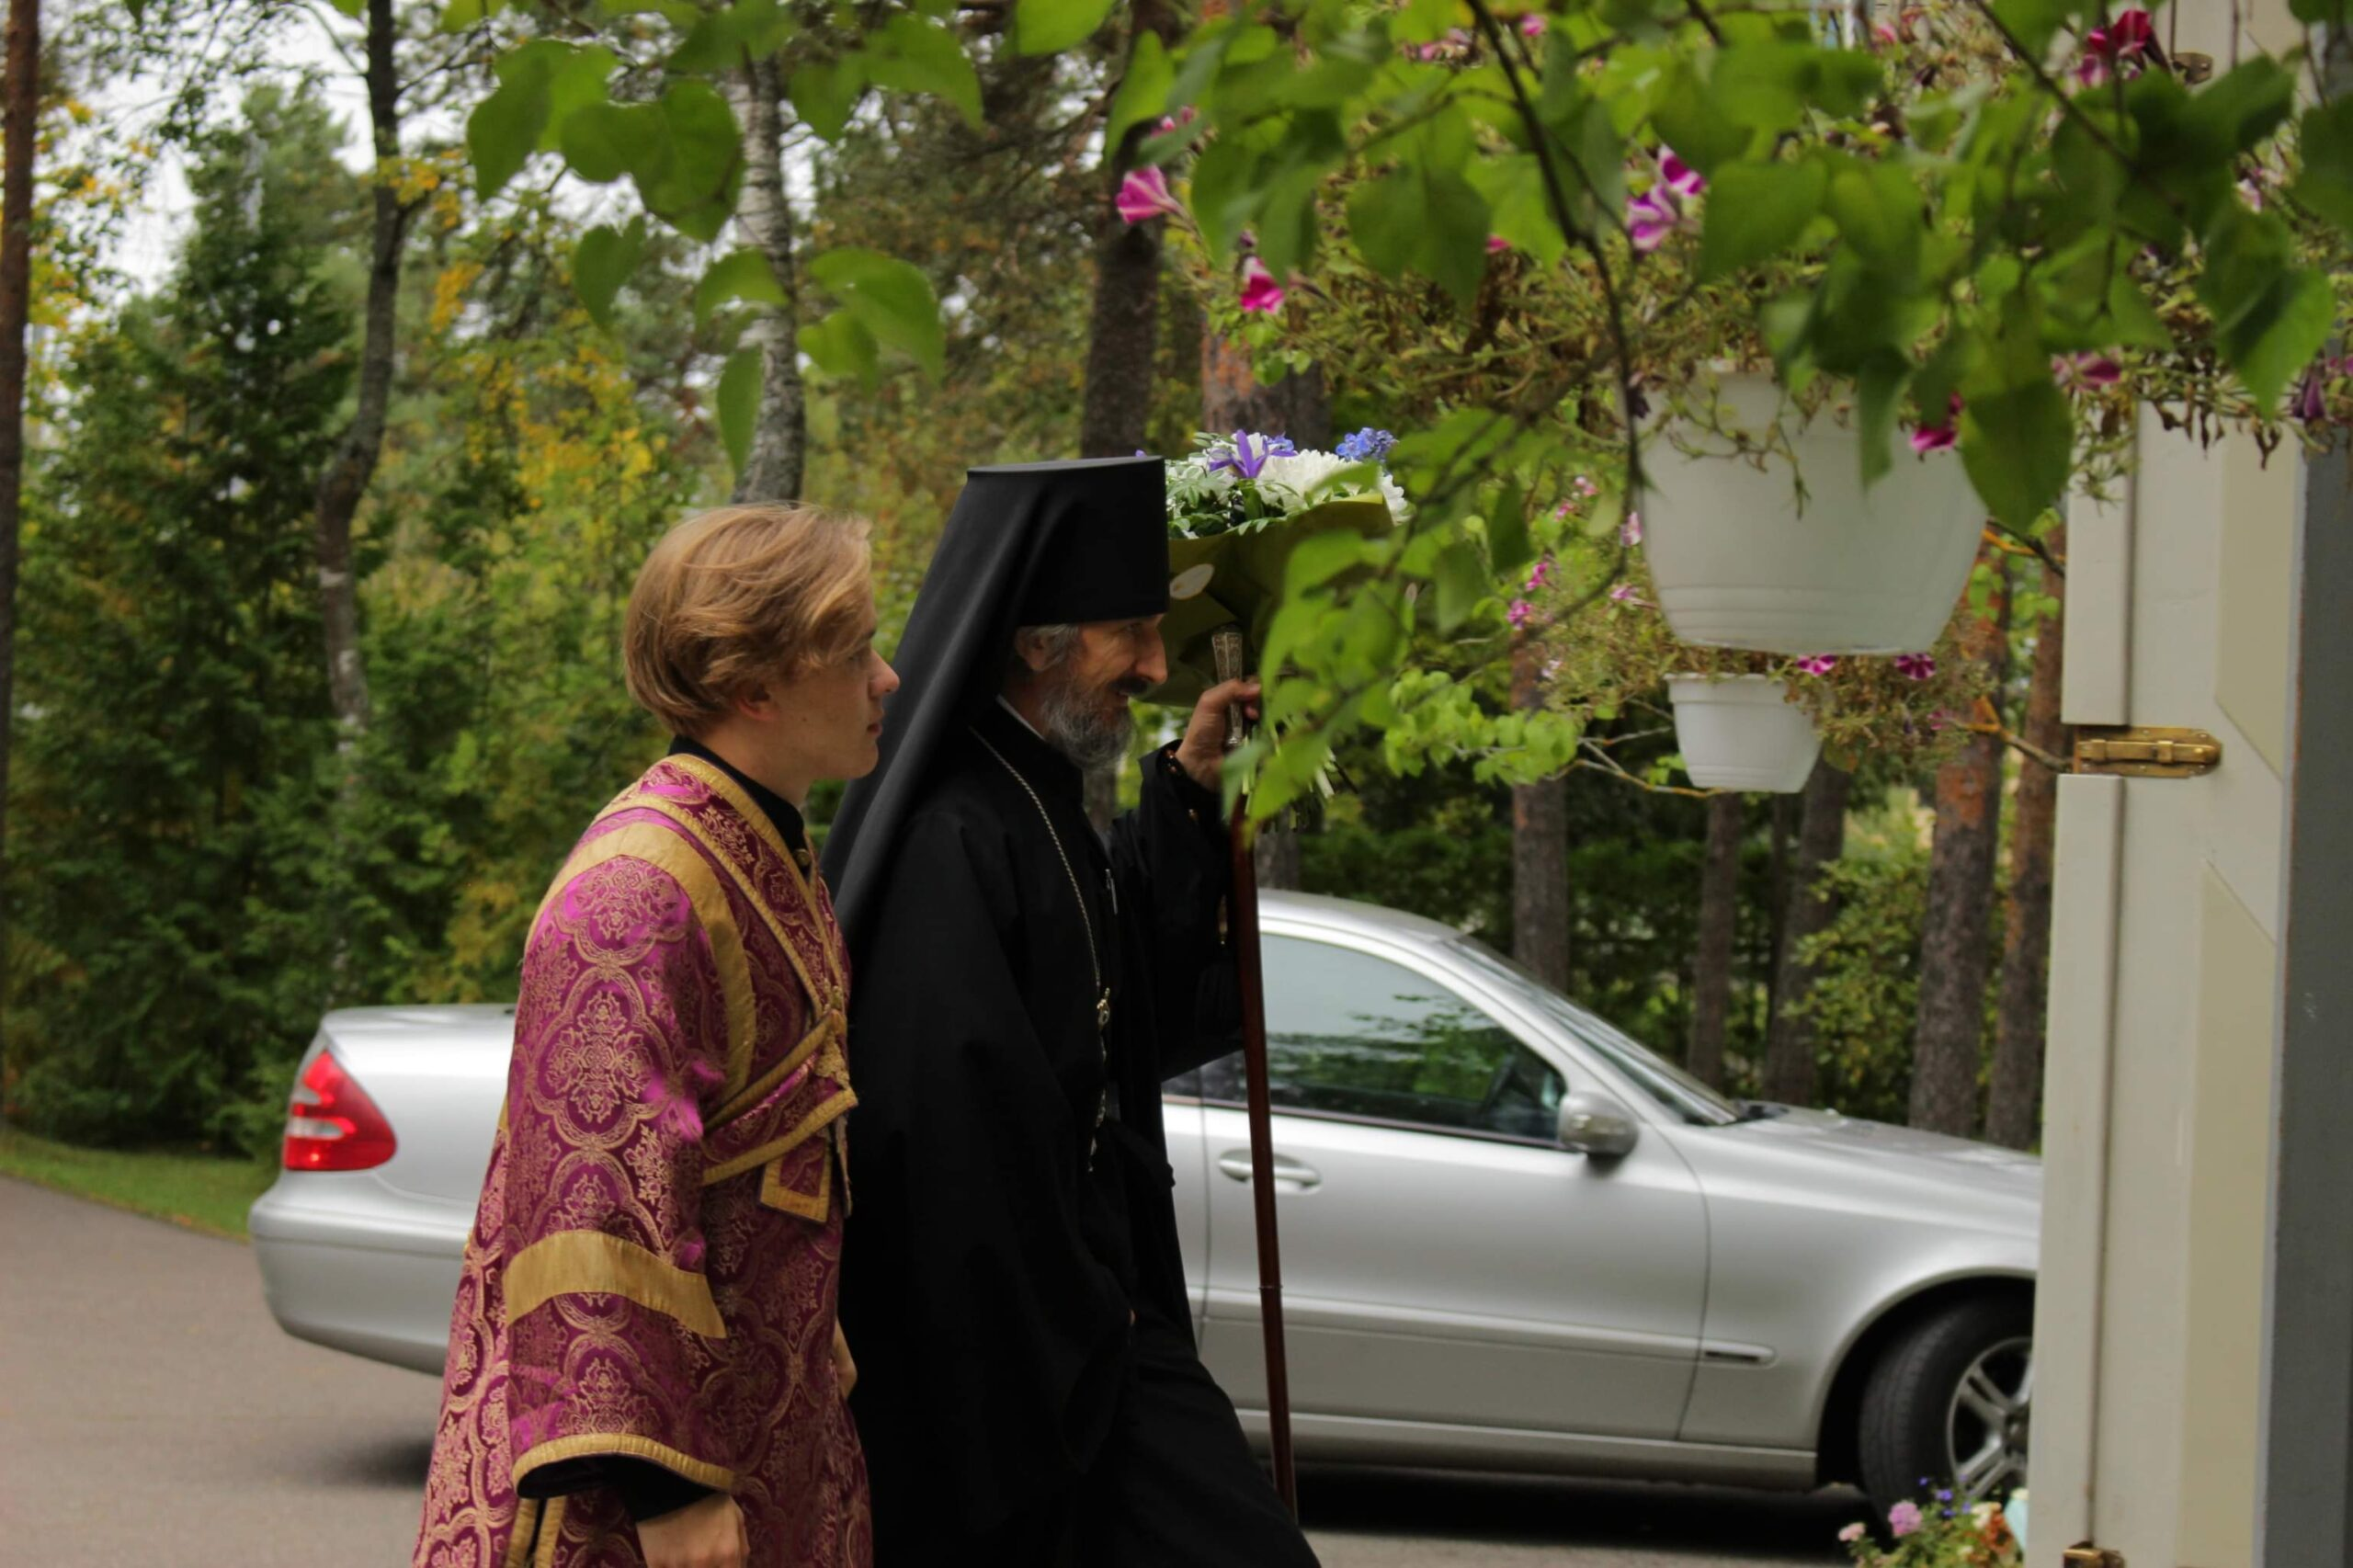 Литургия в день Усекновения главы Иоанна Предтечи в кафедральном соборе г. Таллинна